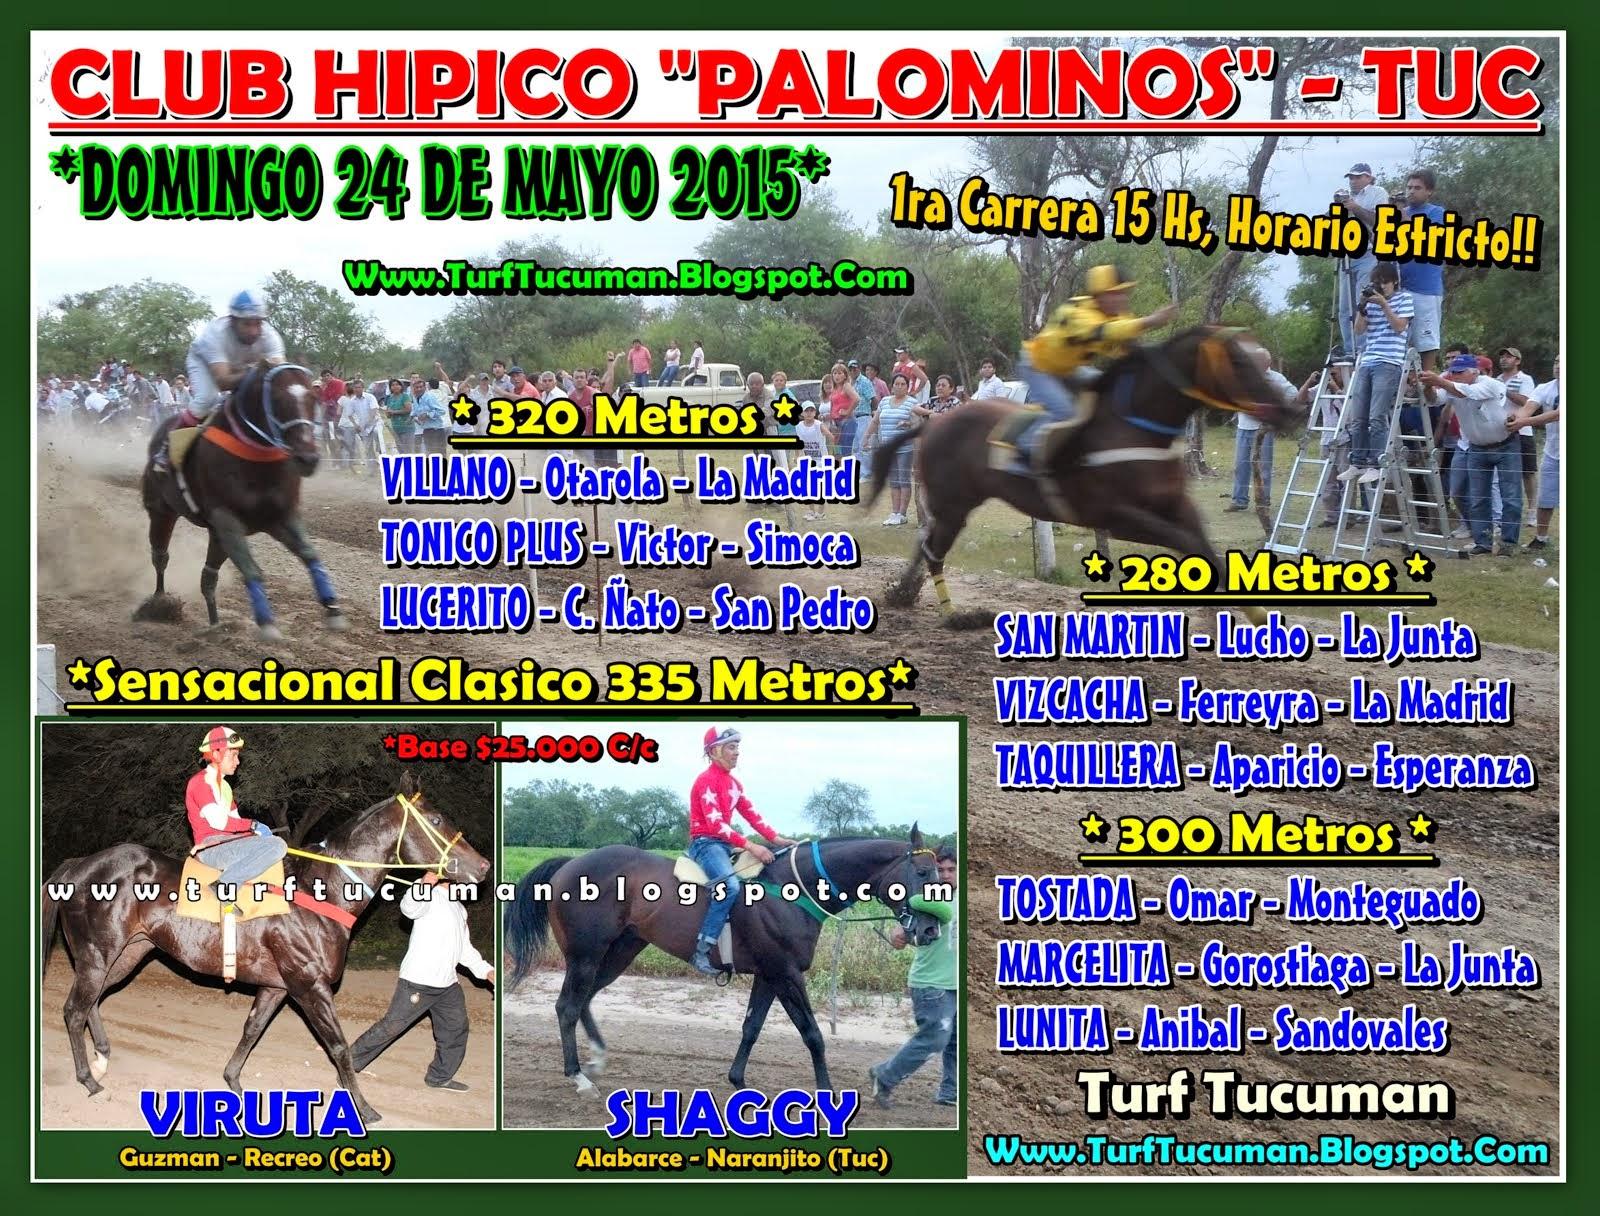 PROG PALOMINOS DGO 24